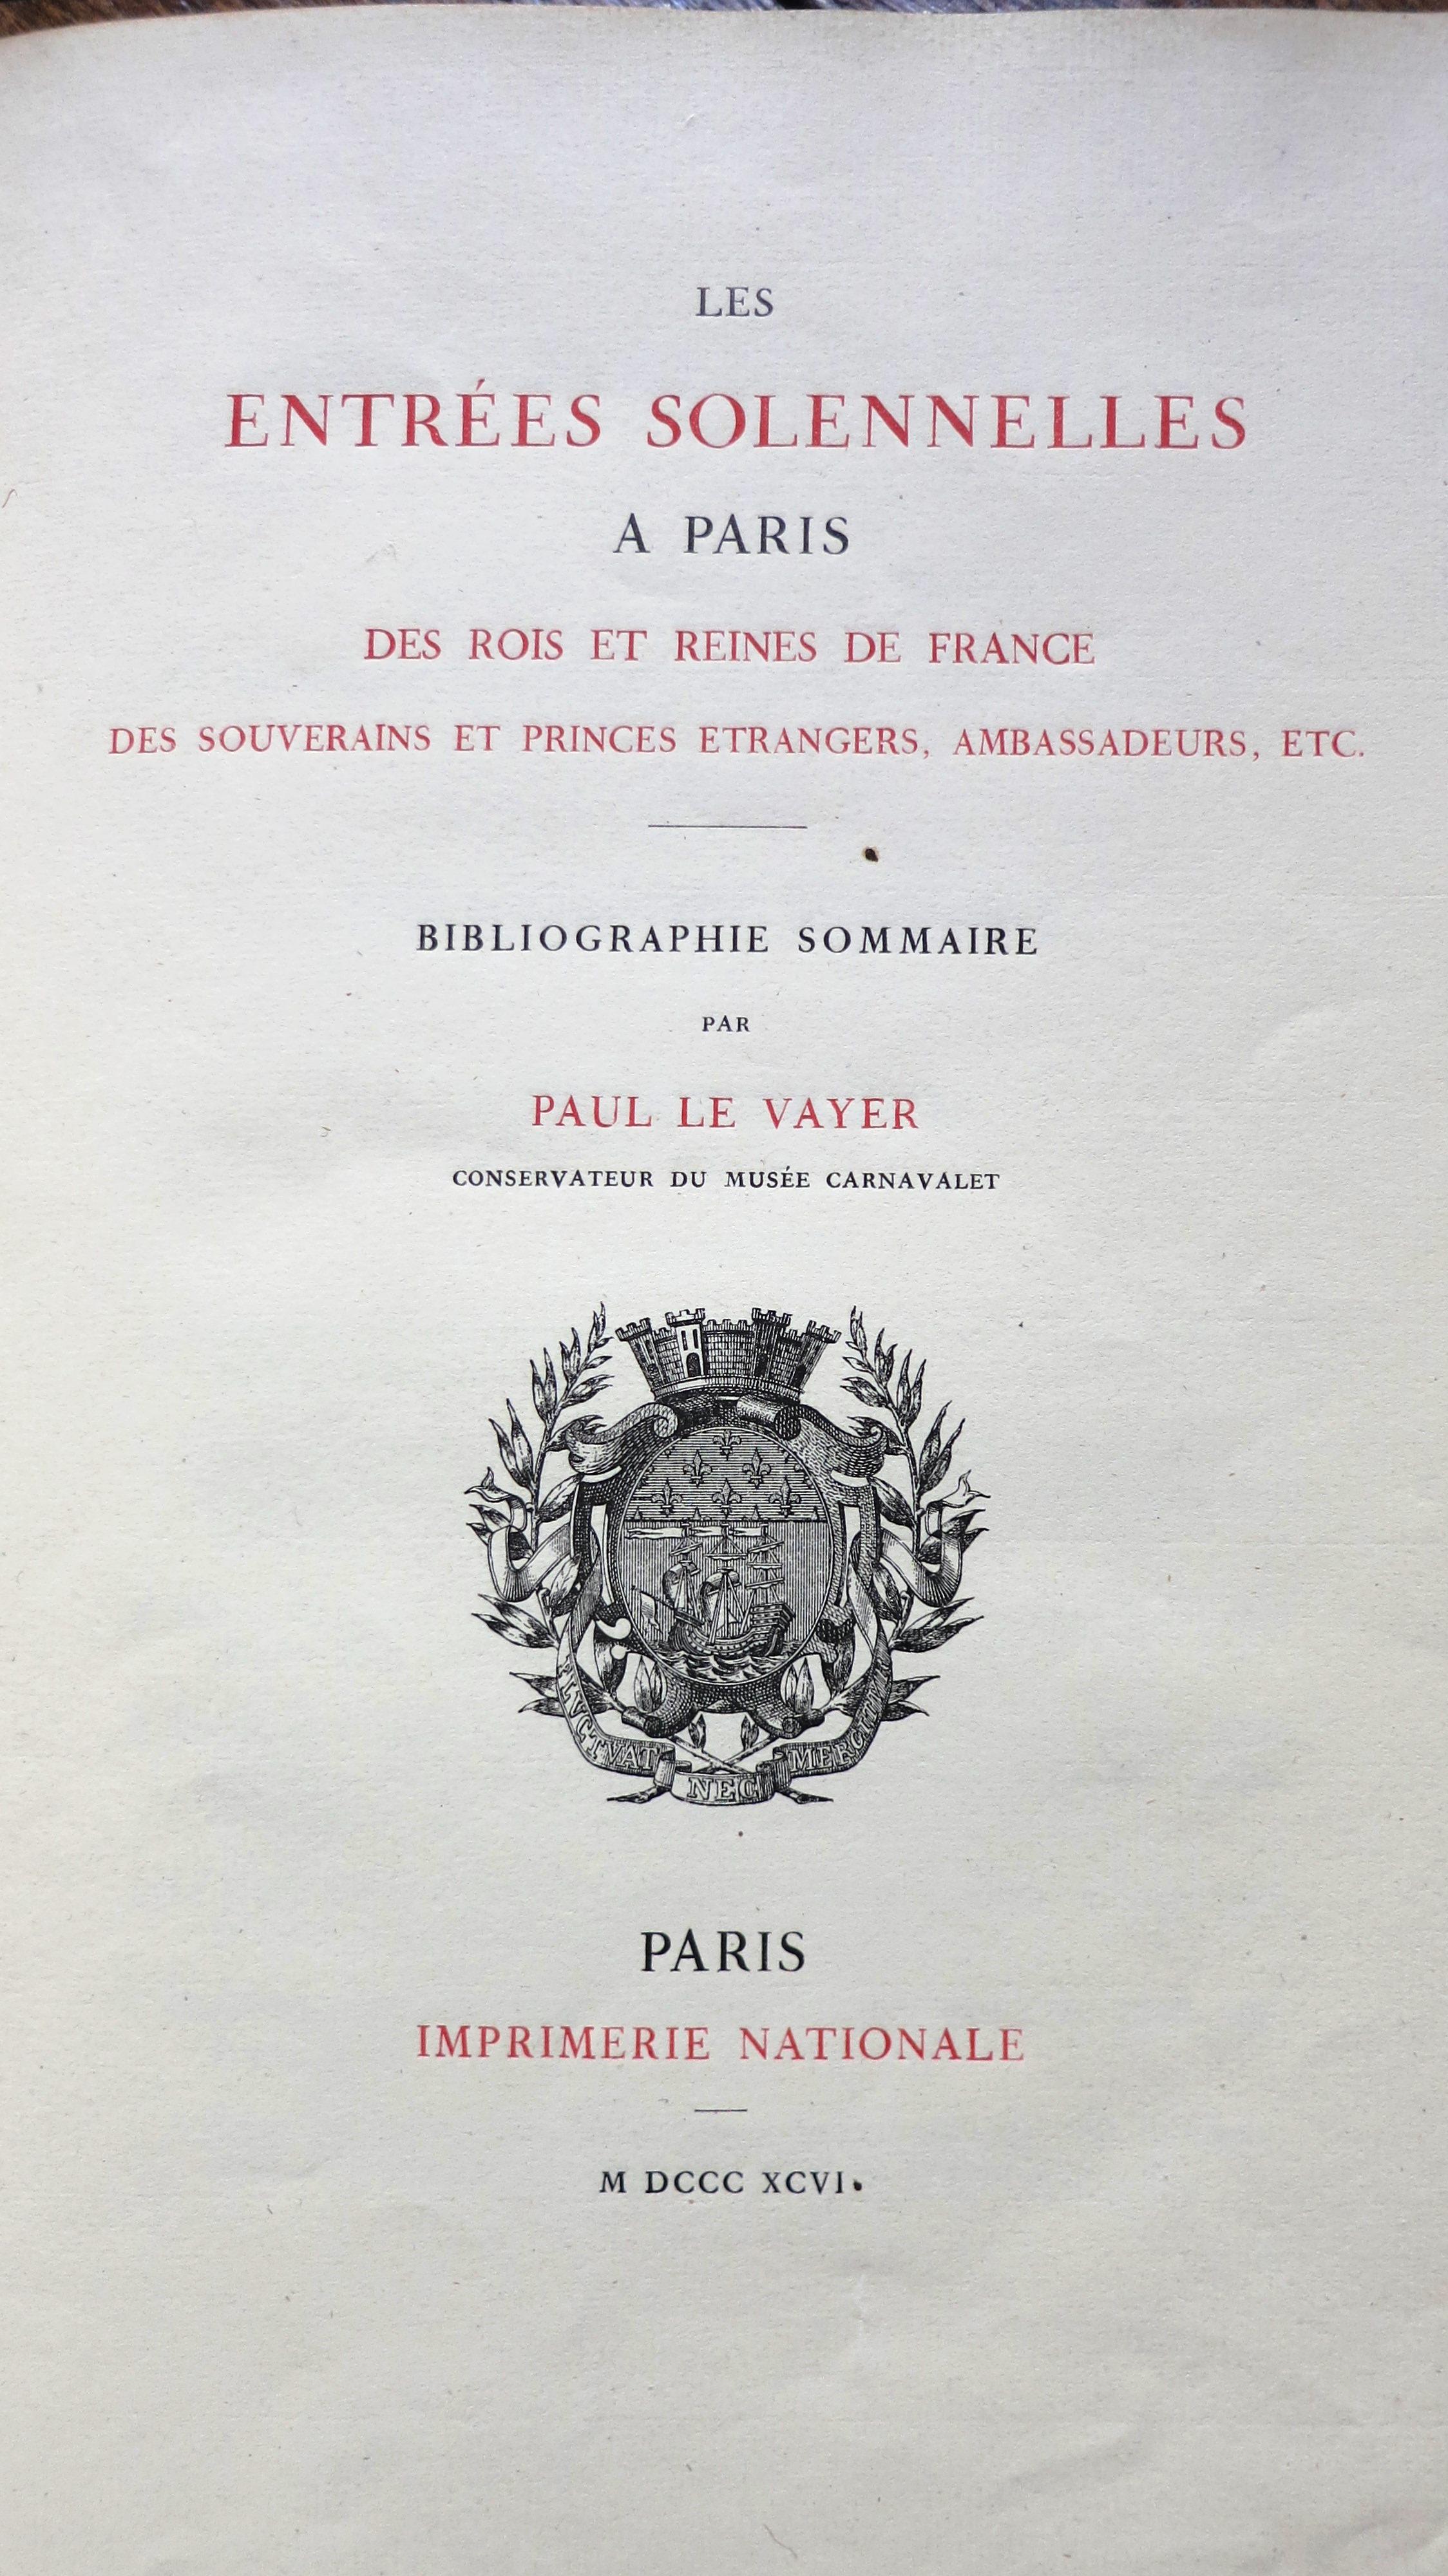 Les entrées solennelles à Paris des rois et reines de France